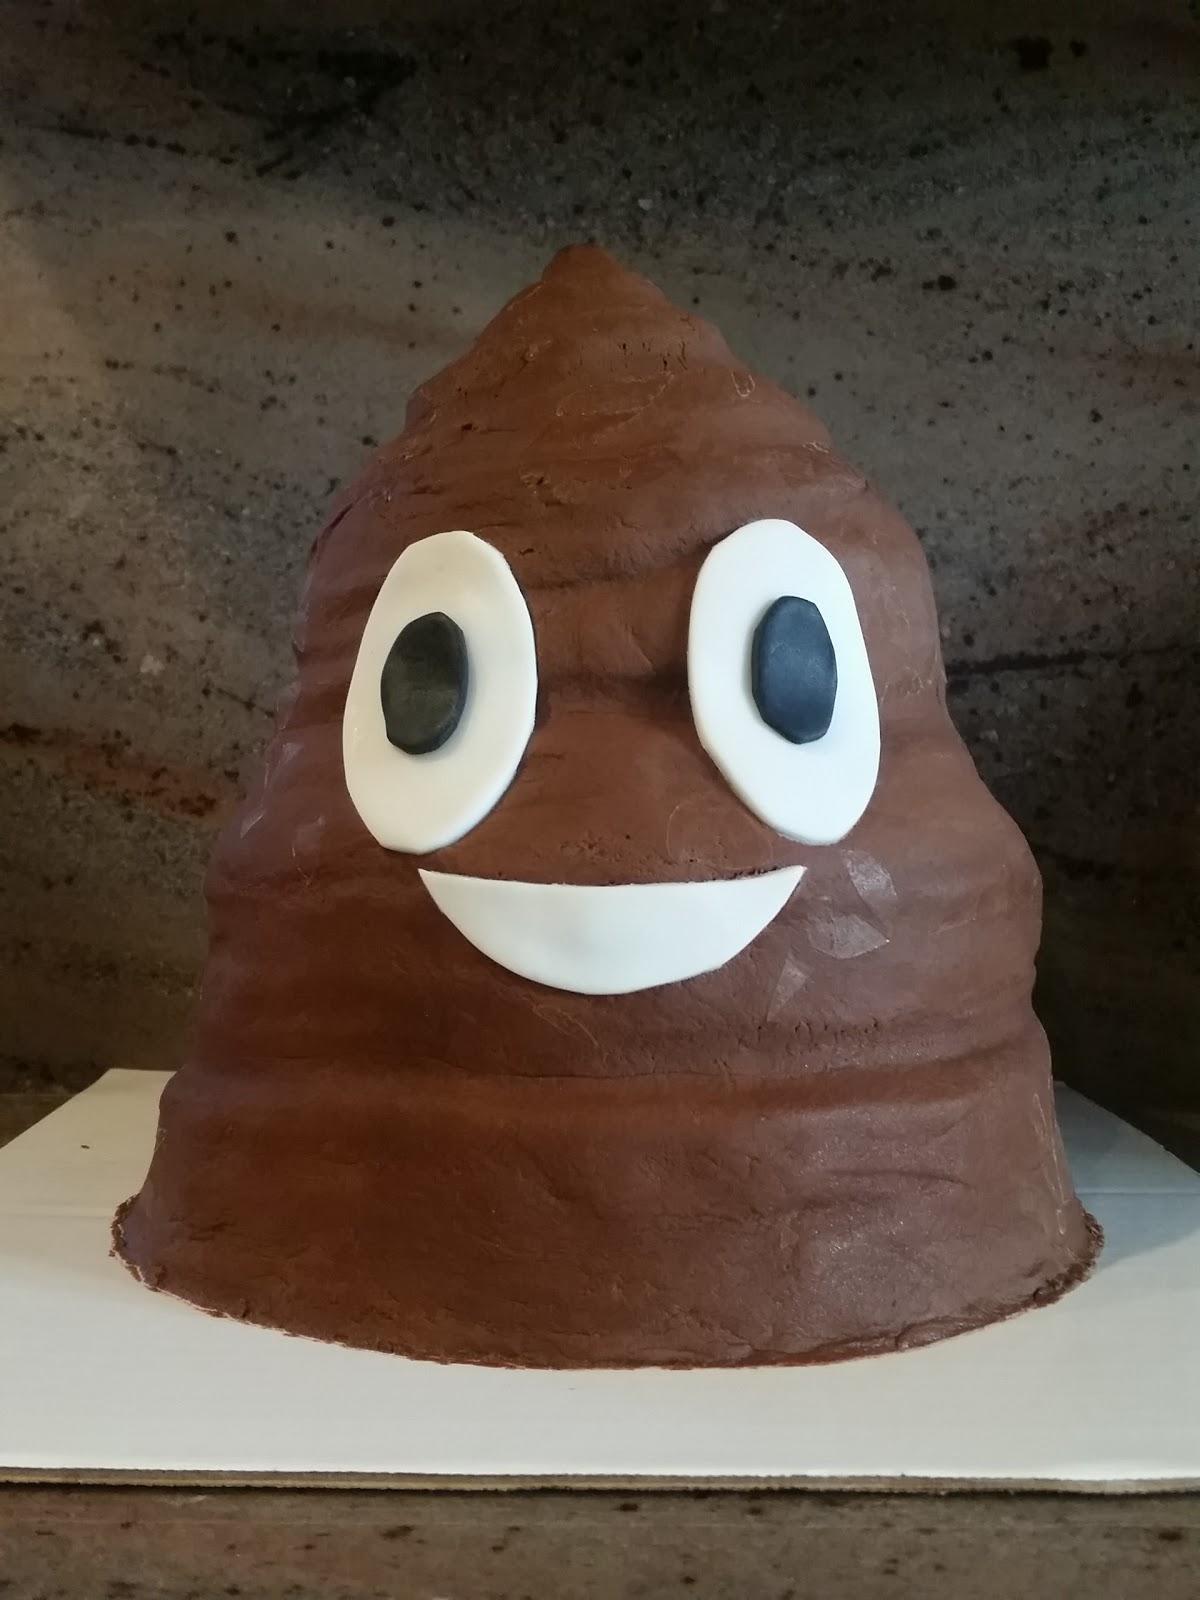 Randi's Random Rantings: Poop Cake!